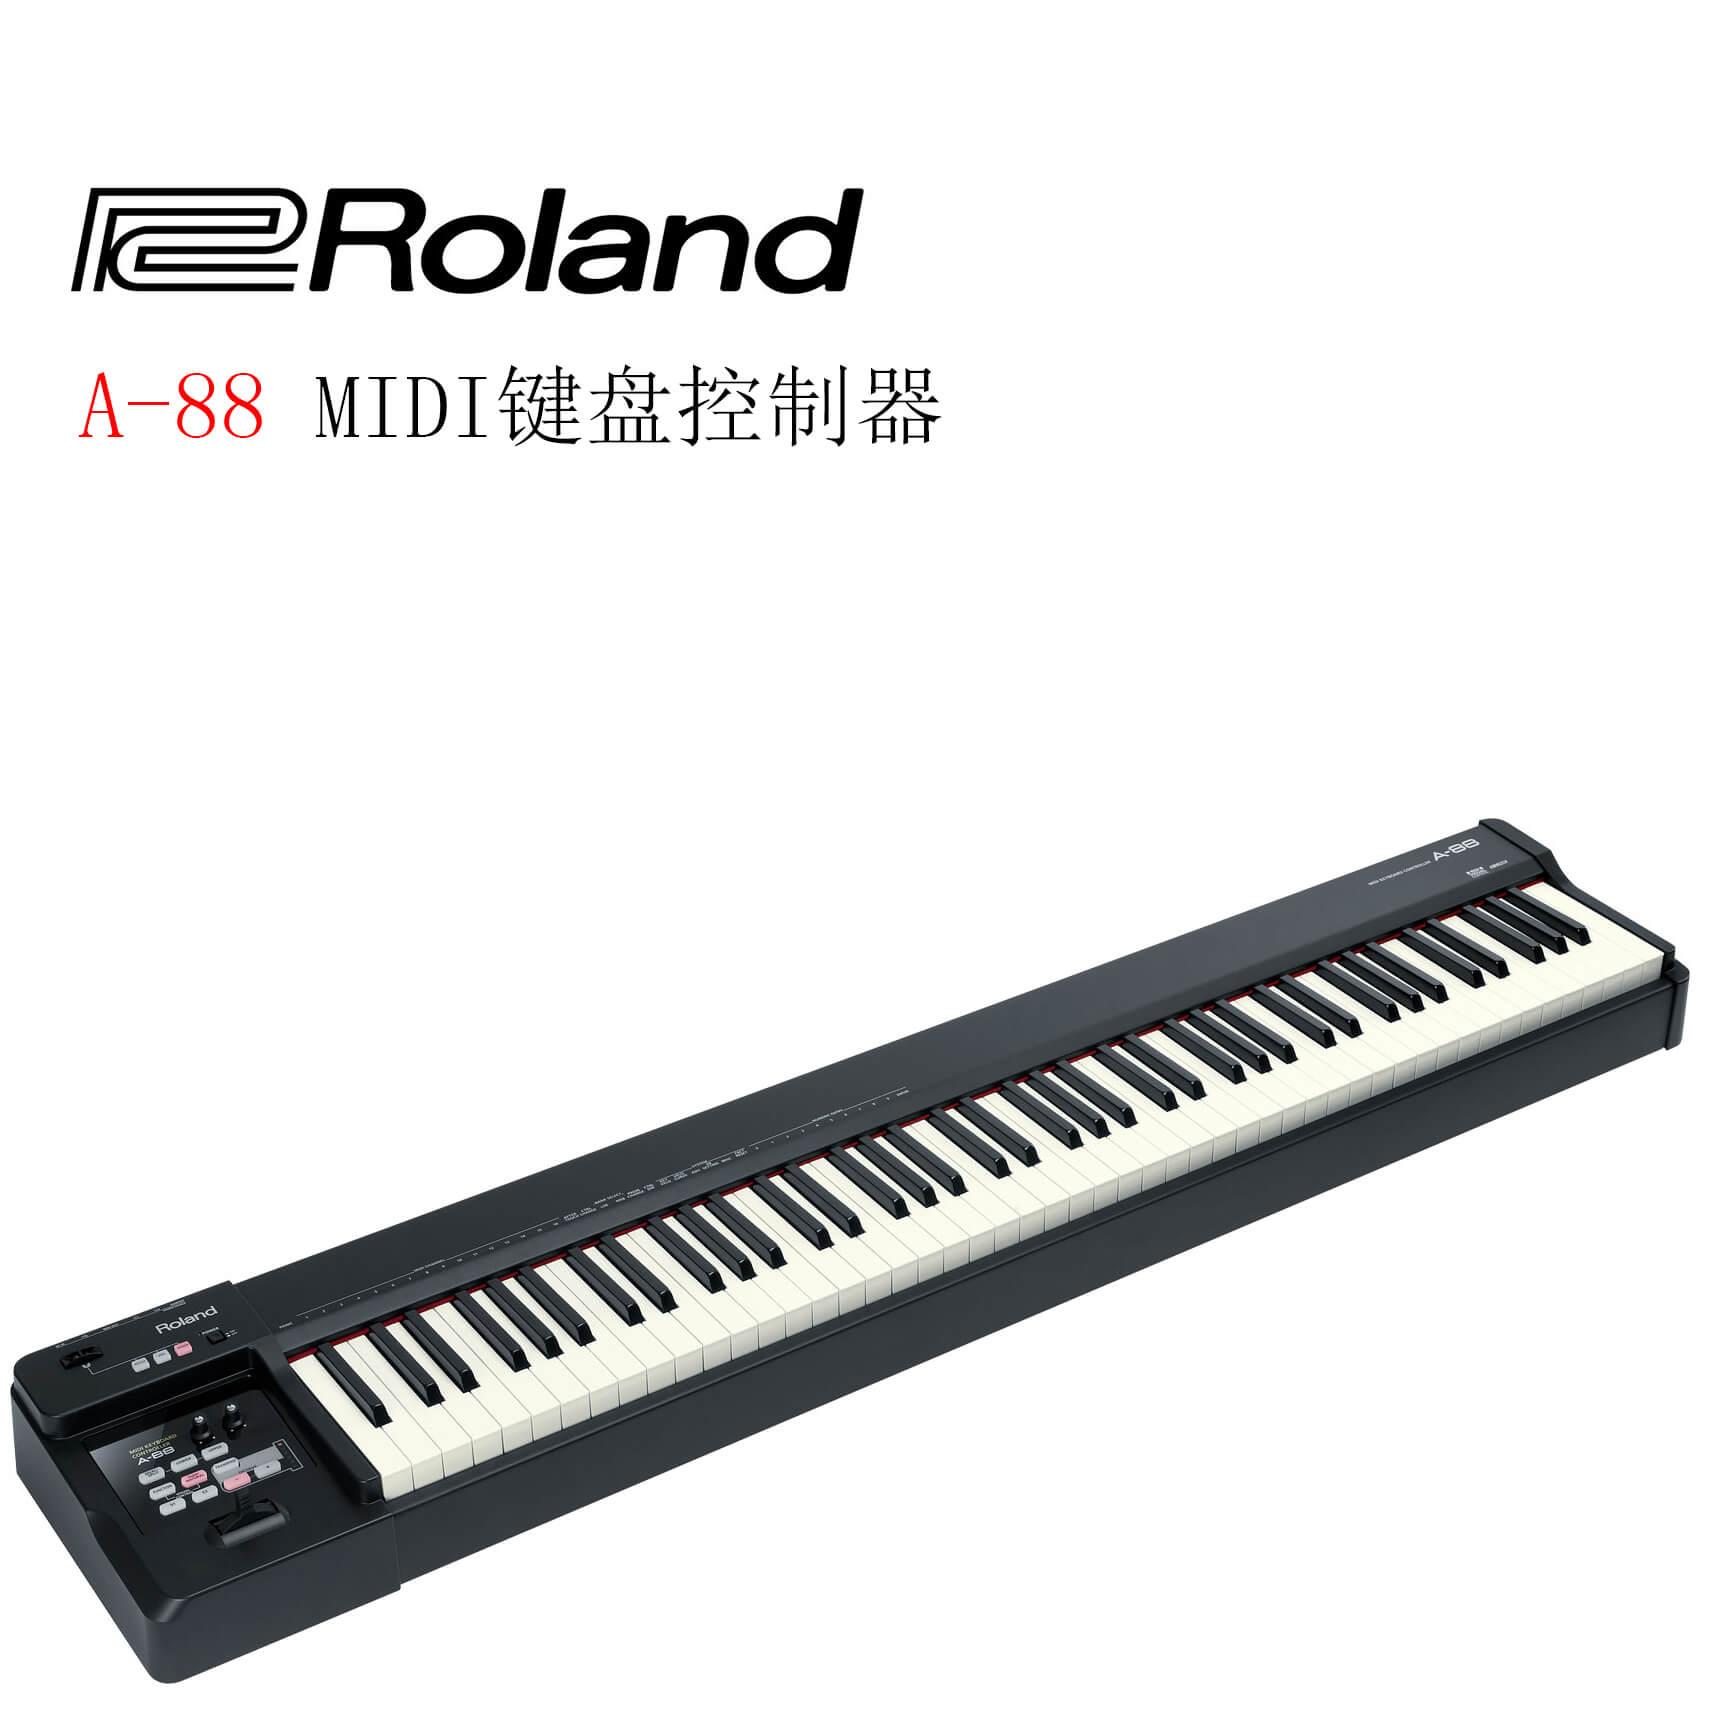 罗兰 Roland A-88 MIDI键盘控制器